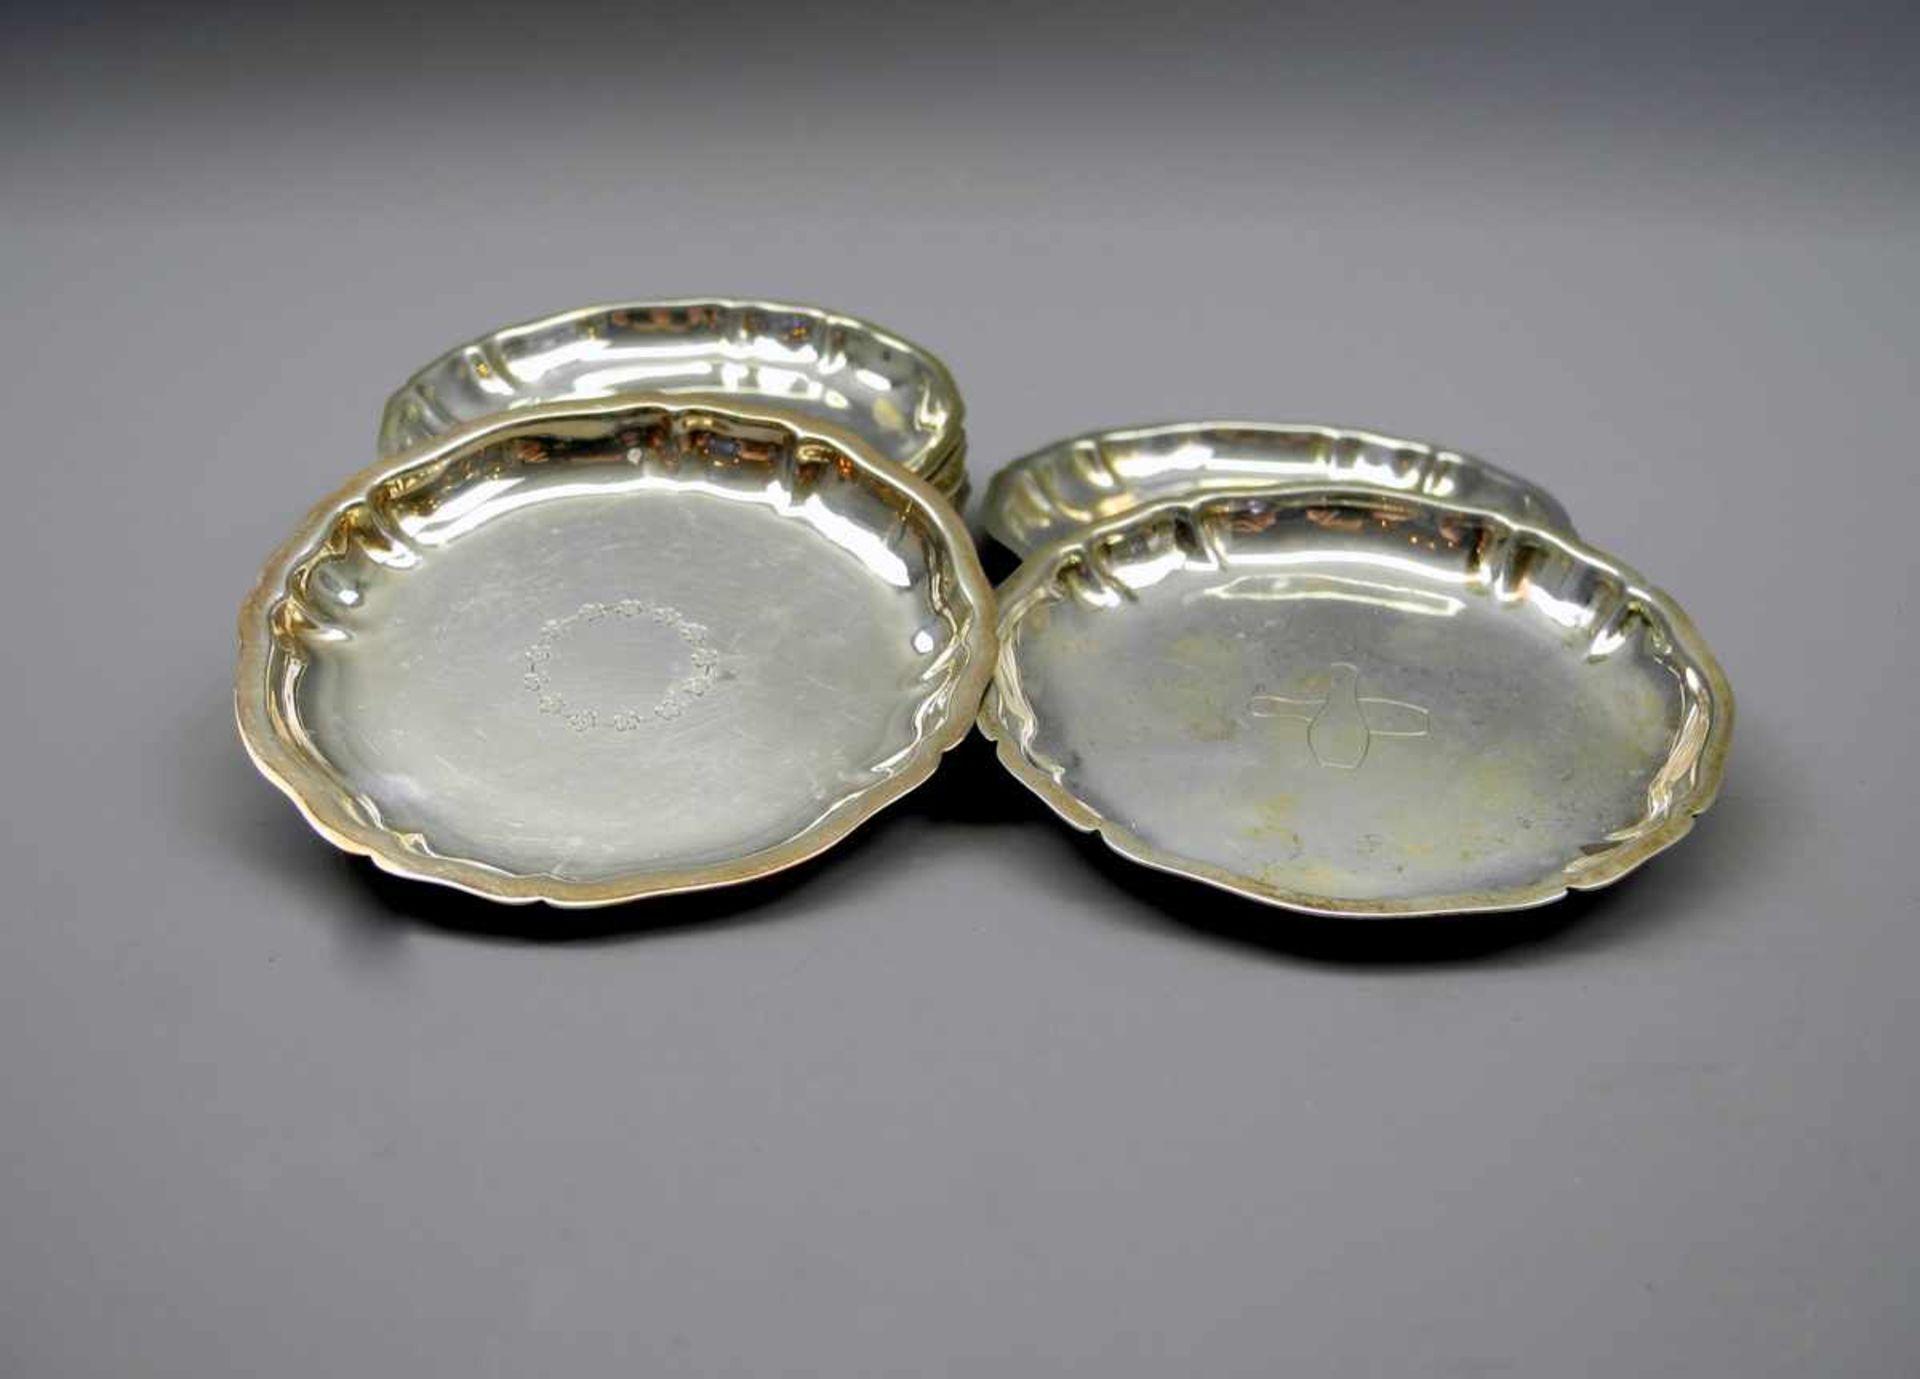 Los 17 - 9 Silber-UntersetzerSilber 835, jeweils rückseitig mit Halbmond und Krone, Feingehalt sowie